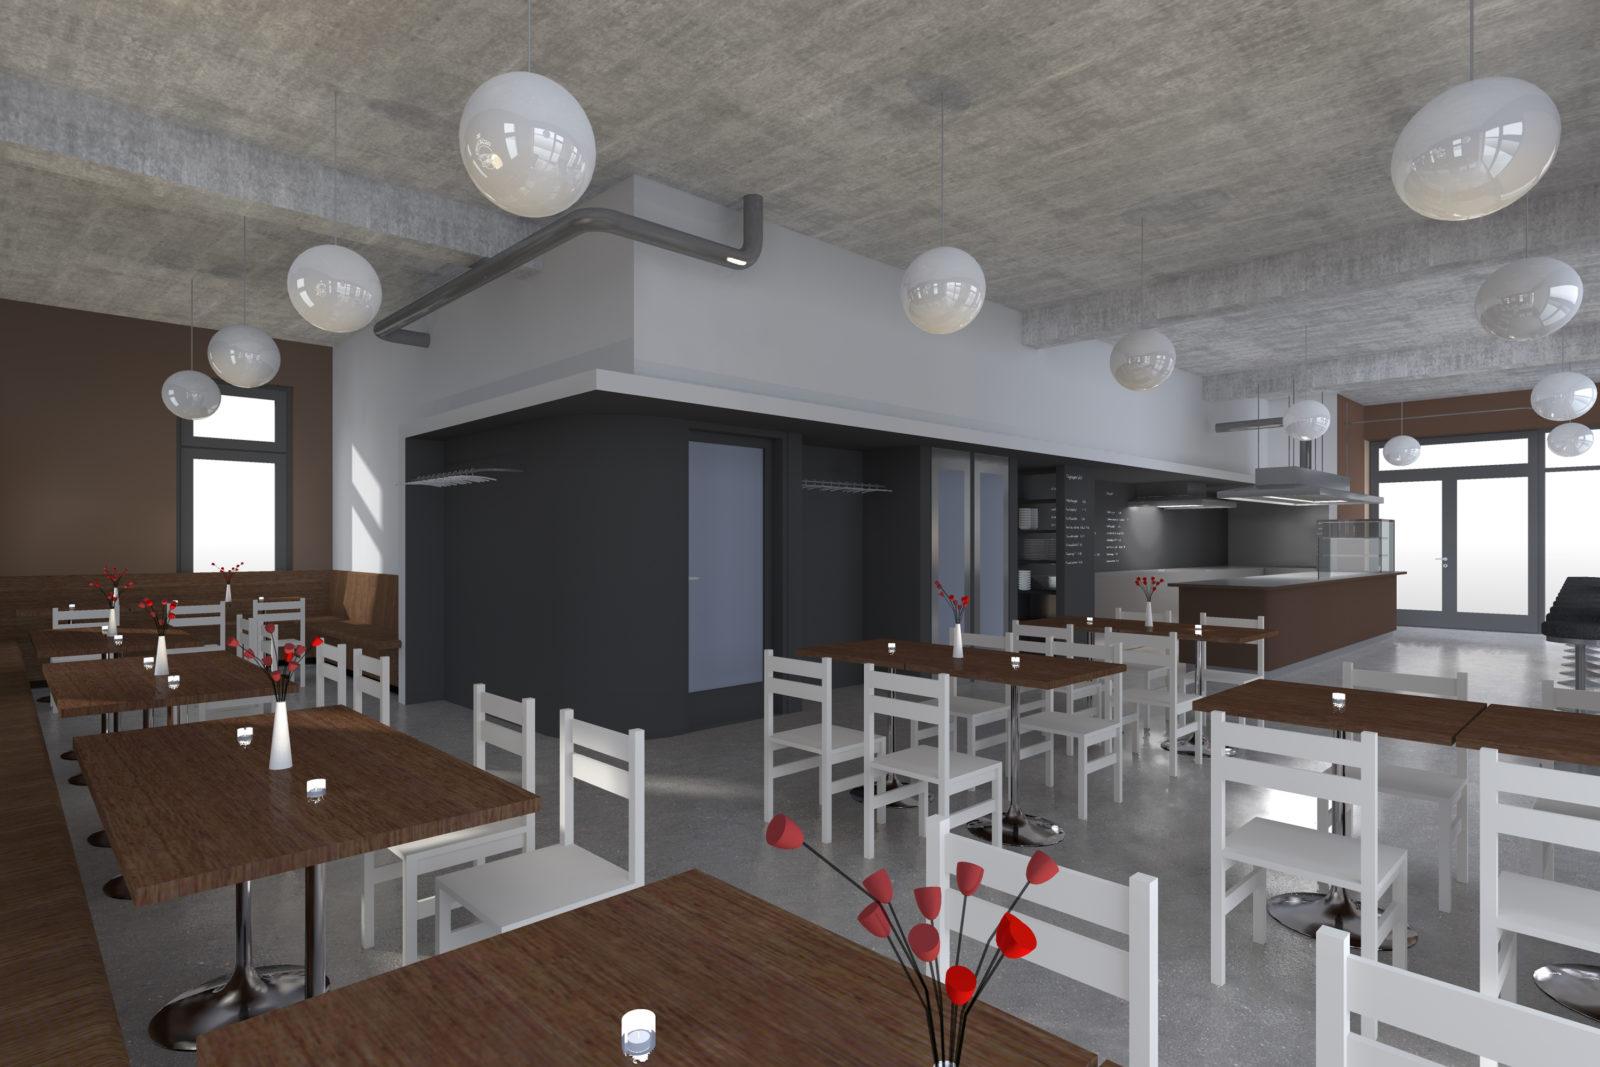 Ausbau Elsterburger in Leipzig, Plagwitz - Imbiss-Lokal